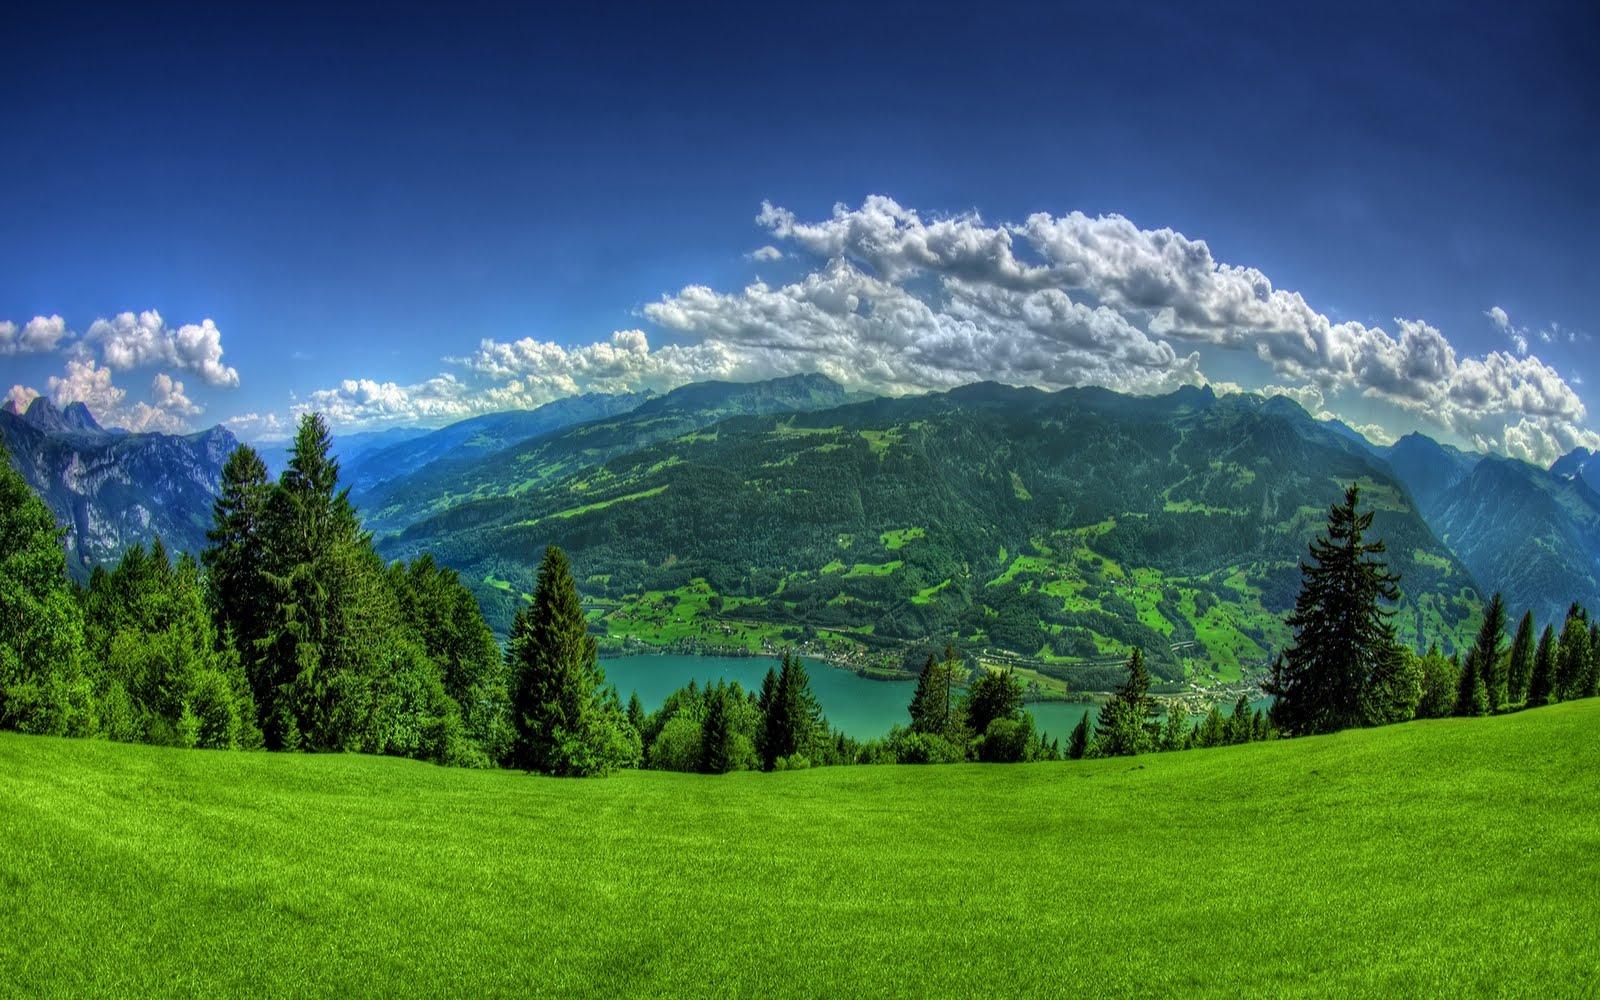 http://4.bp.blogspot.com/-z4kt9lpVjOM/TpD2U8CiV0I/AAAAAAAAmWU/BtIxCZaVDQ8/s1600/hermoso-dia-de-primavera-beautiful-spring-day-1920x1200.jpg